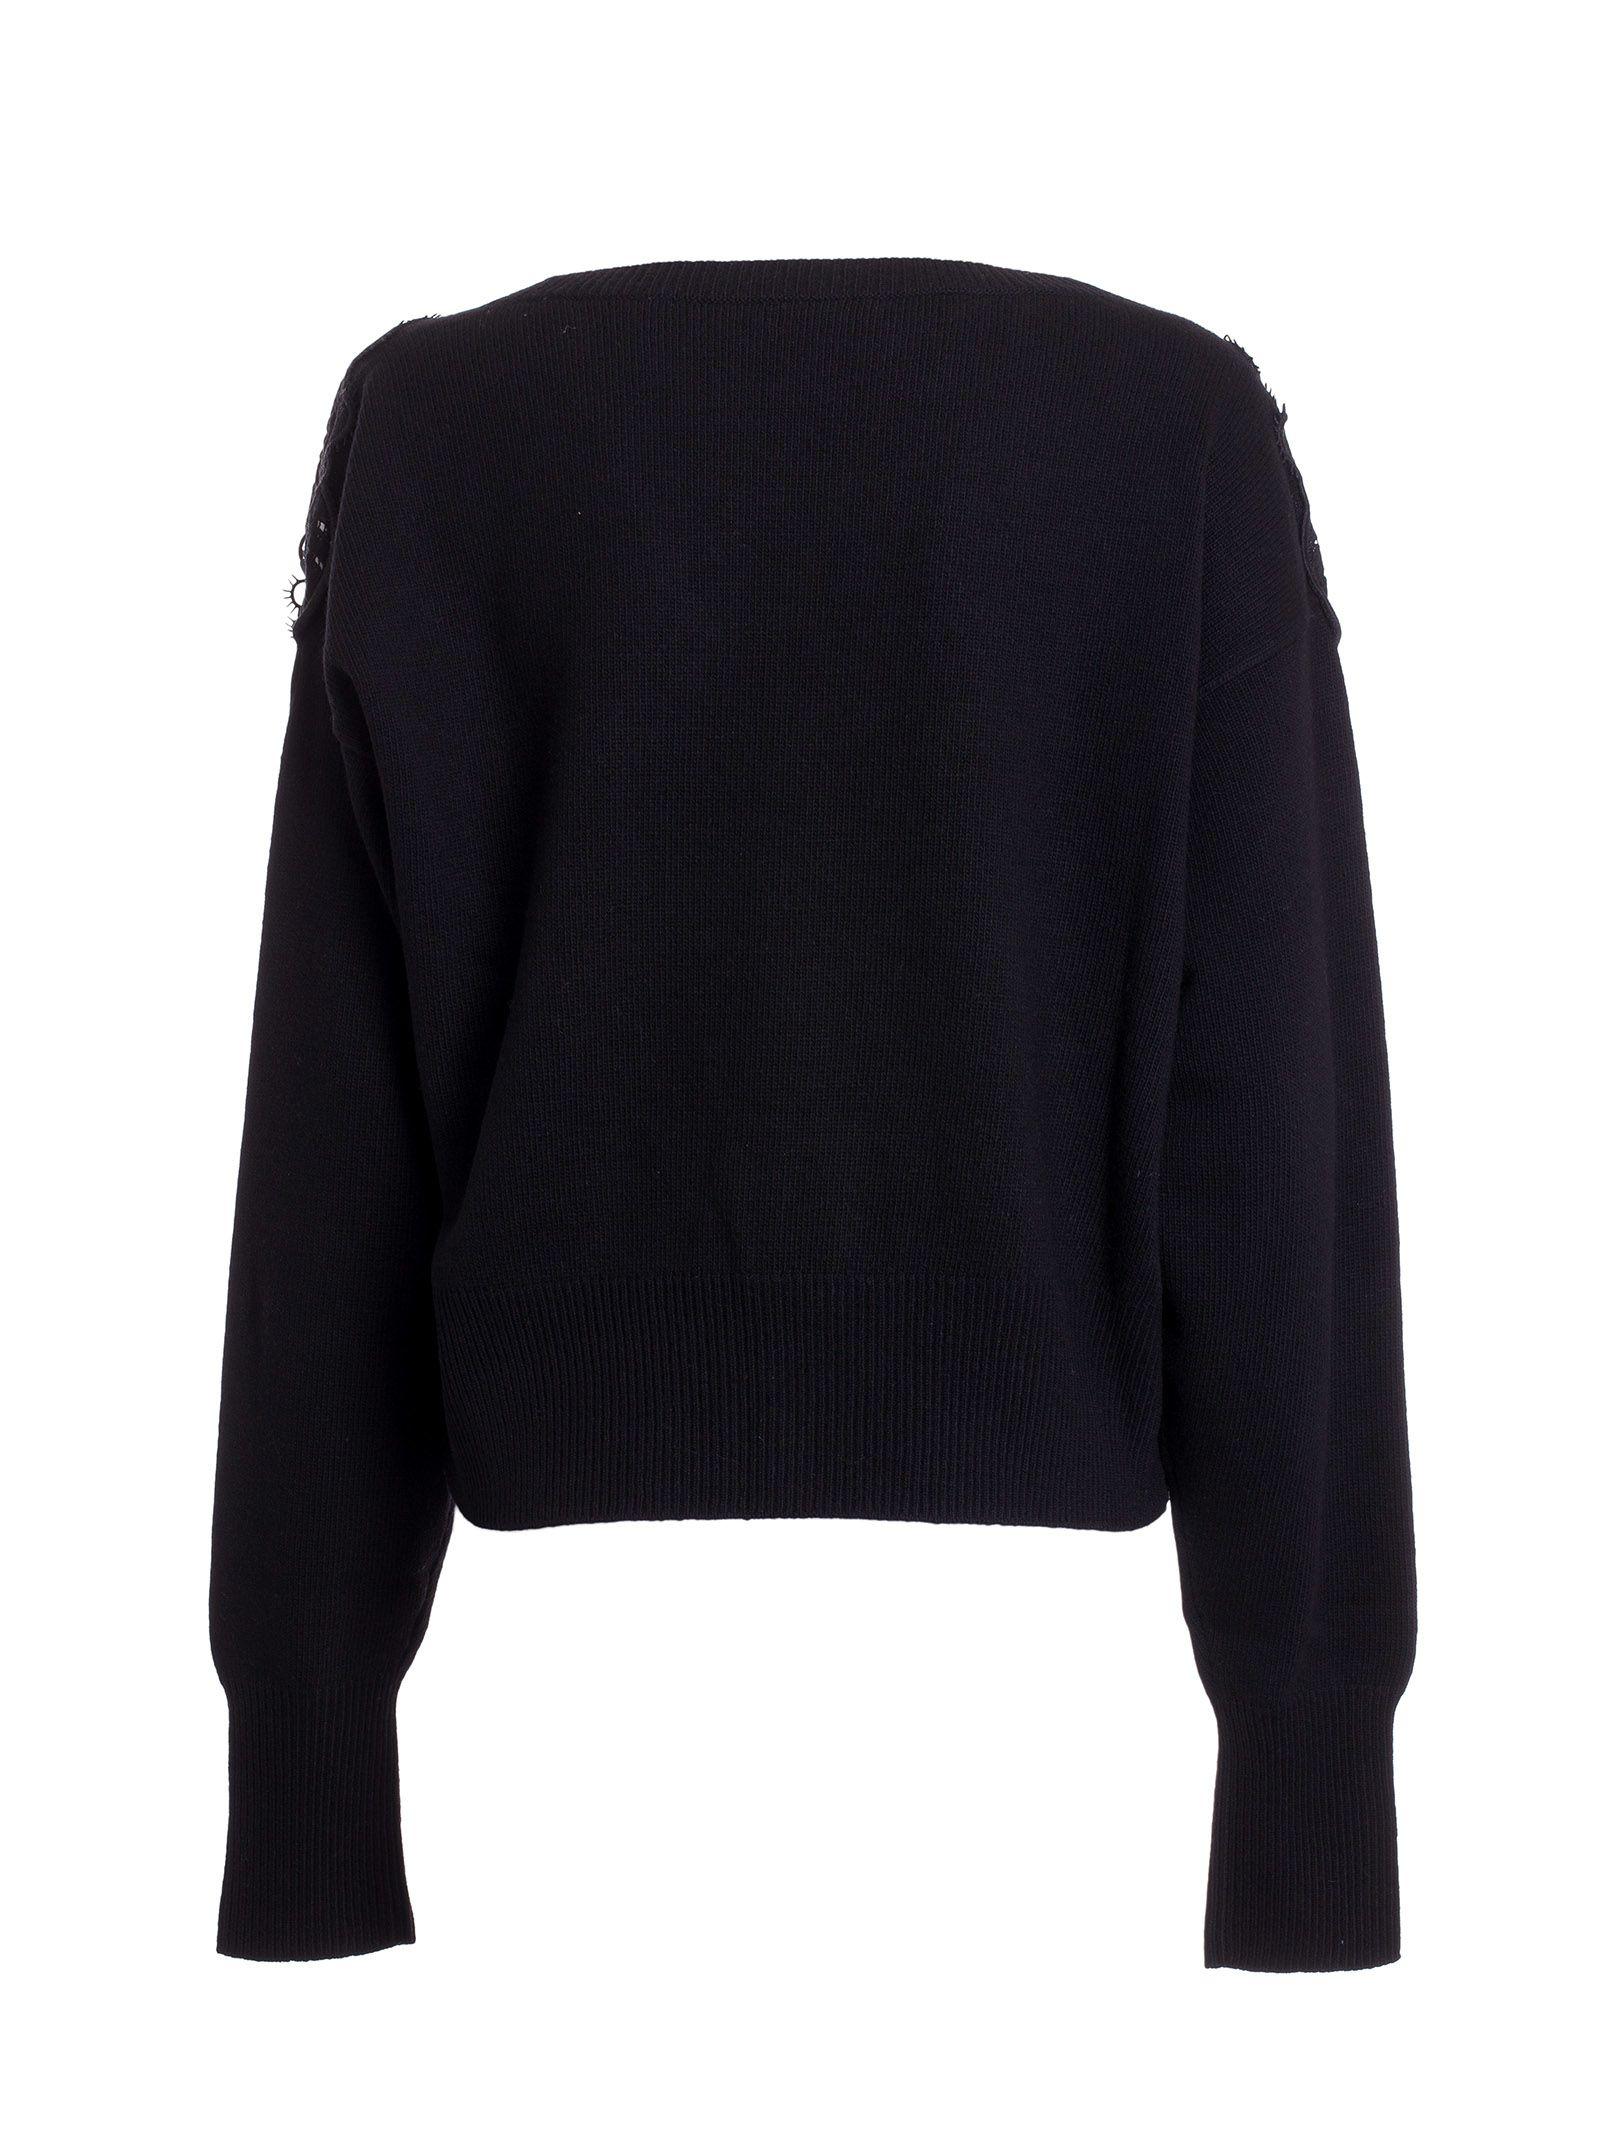 Chloé - Chloé Floral Lace Shoulder Cardigan - Black, Women's ...